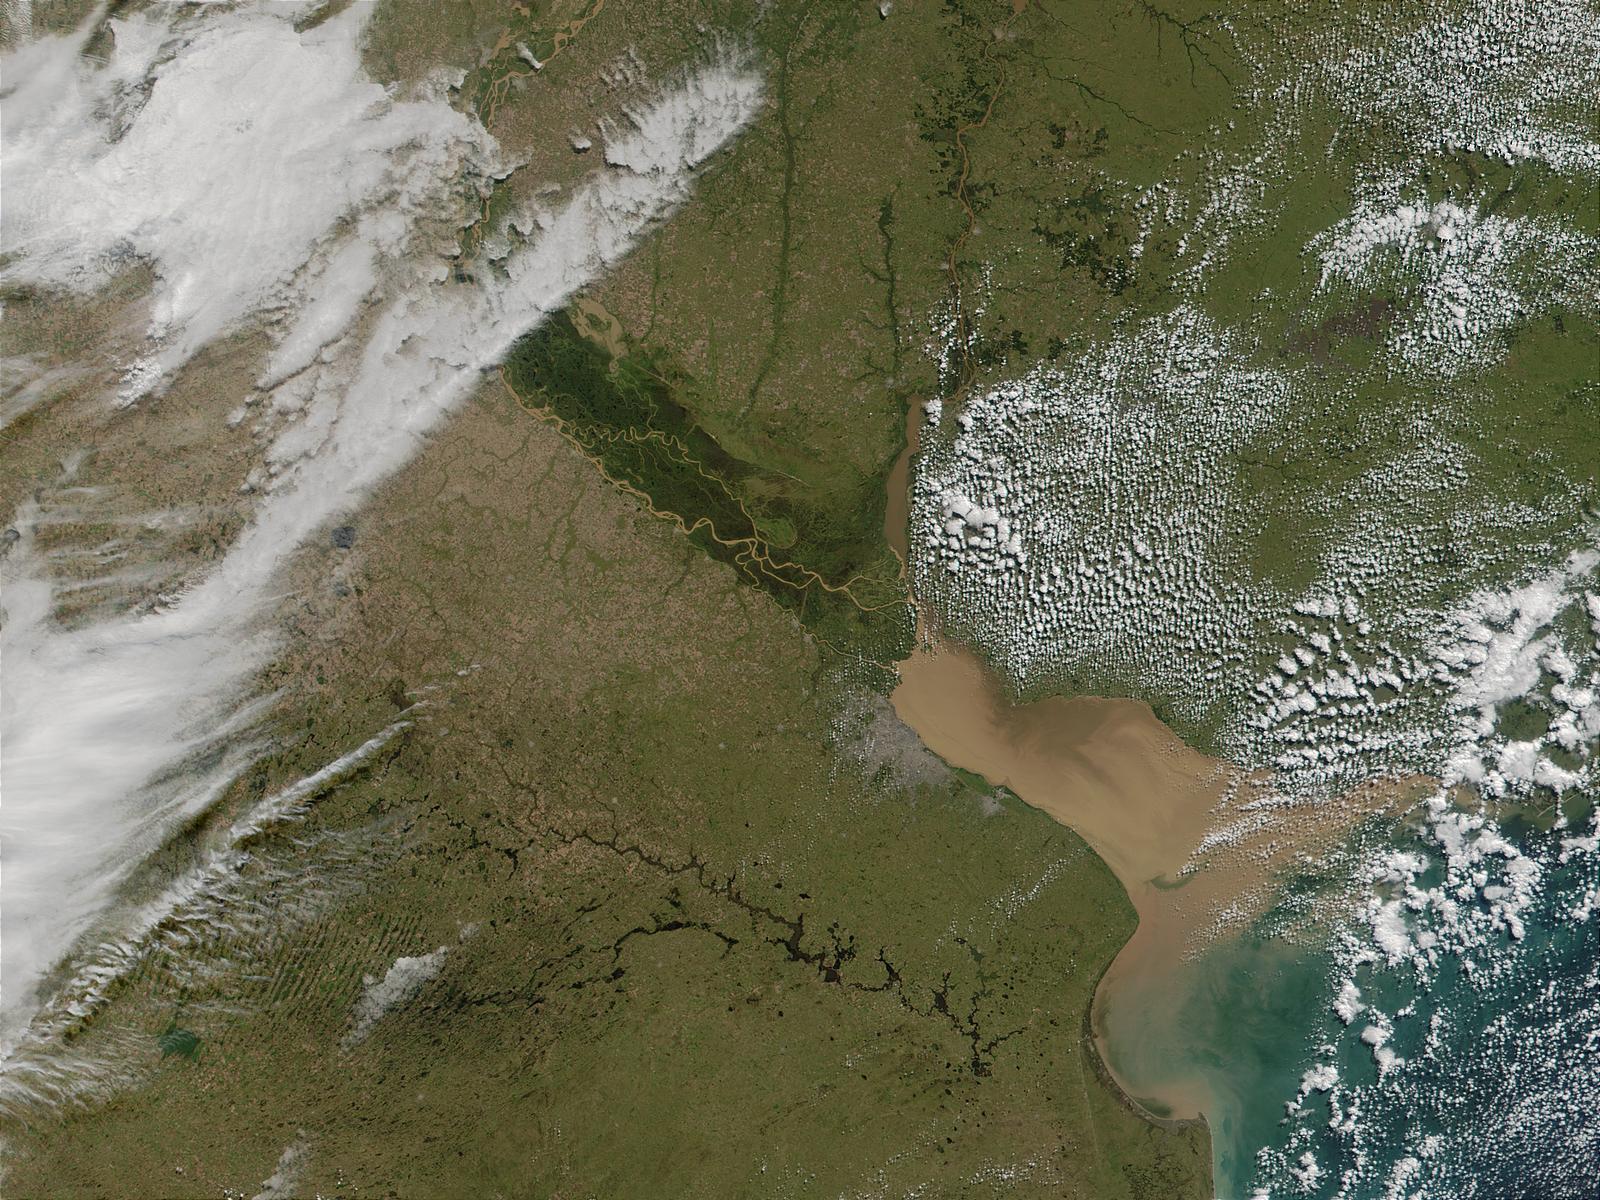 Rio de la Plata - Argentina - related image preview